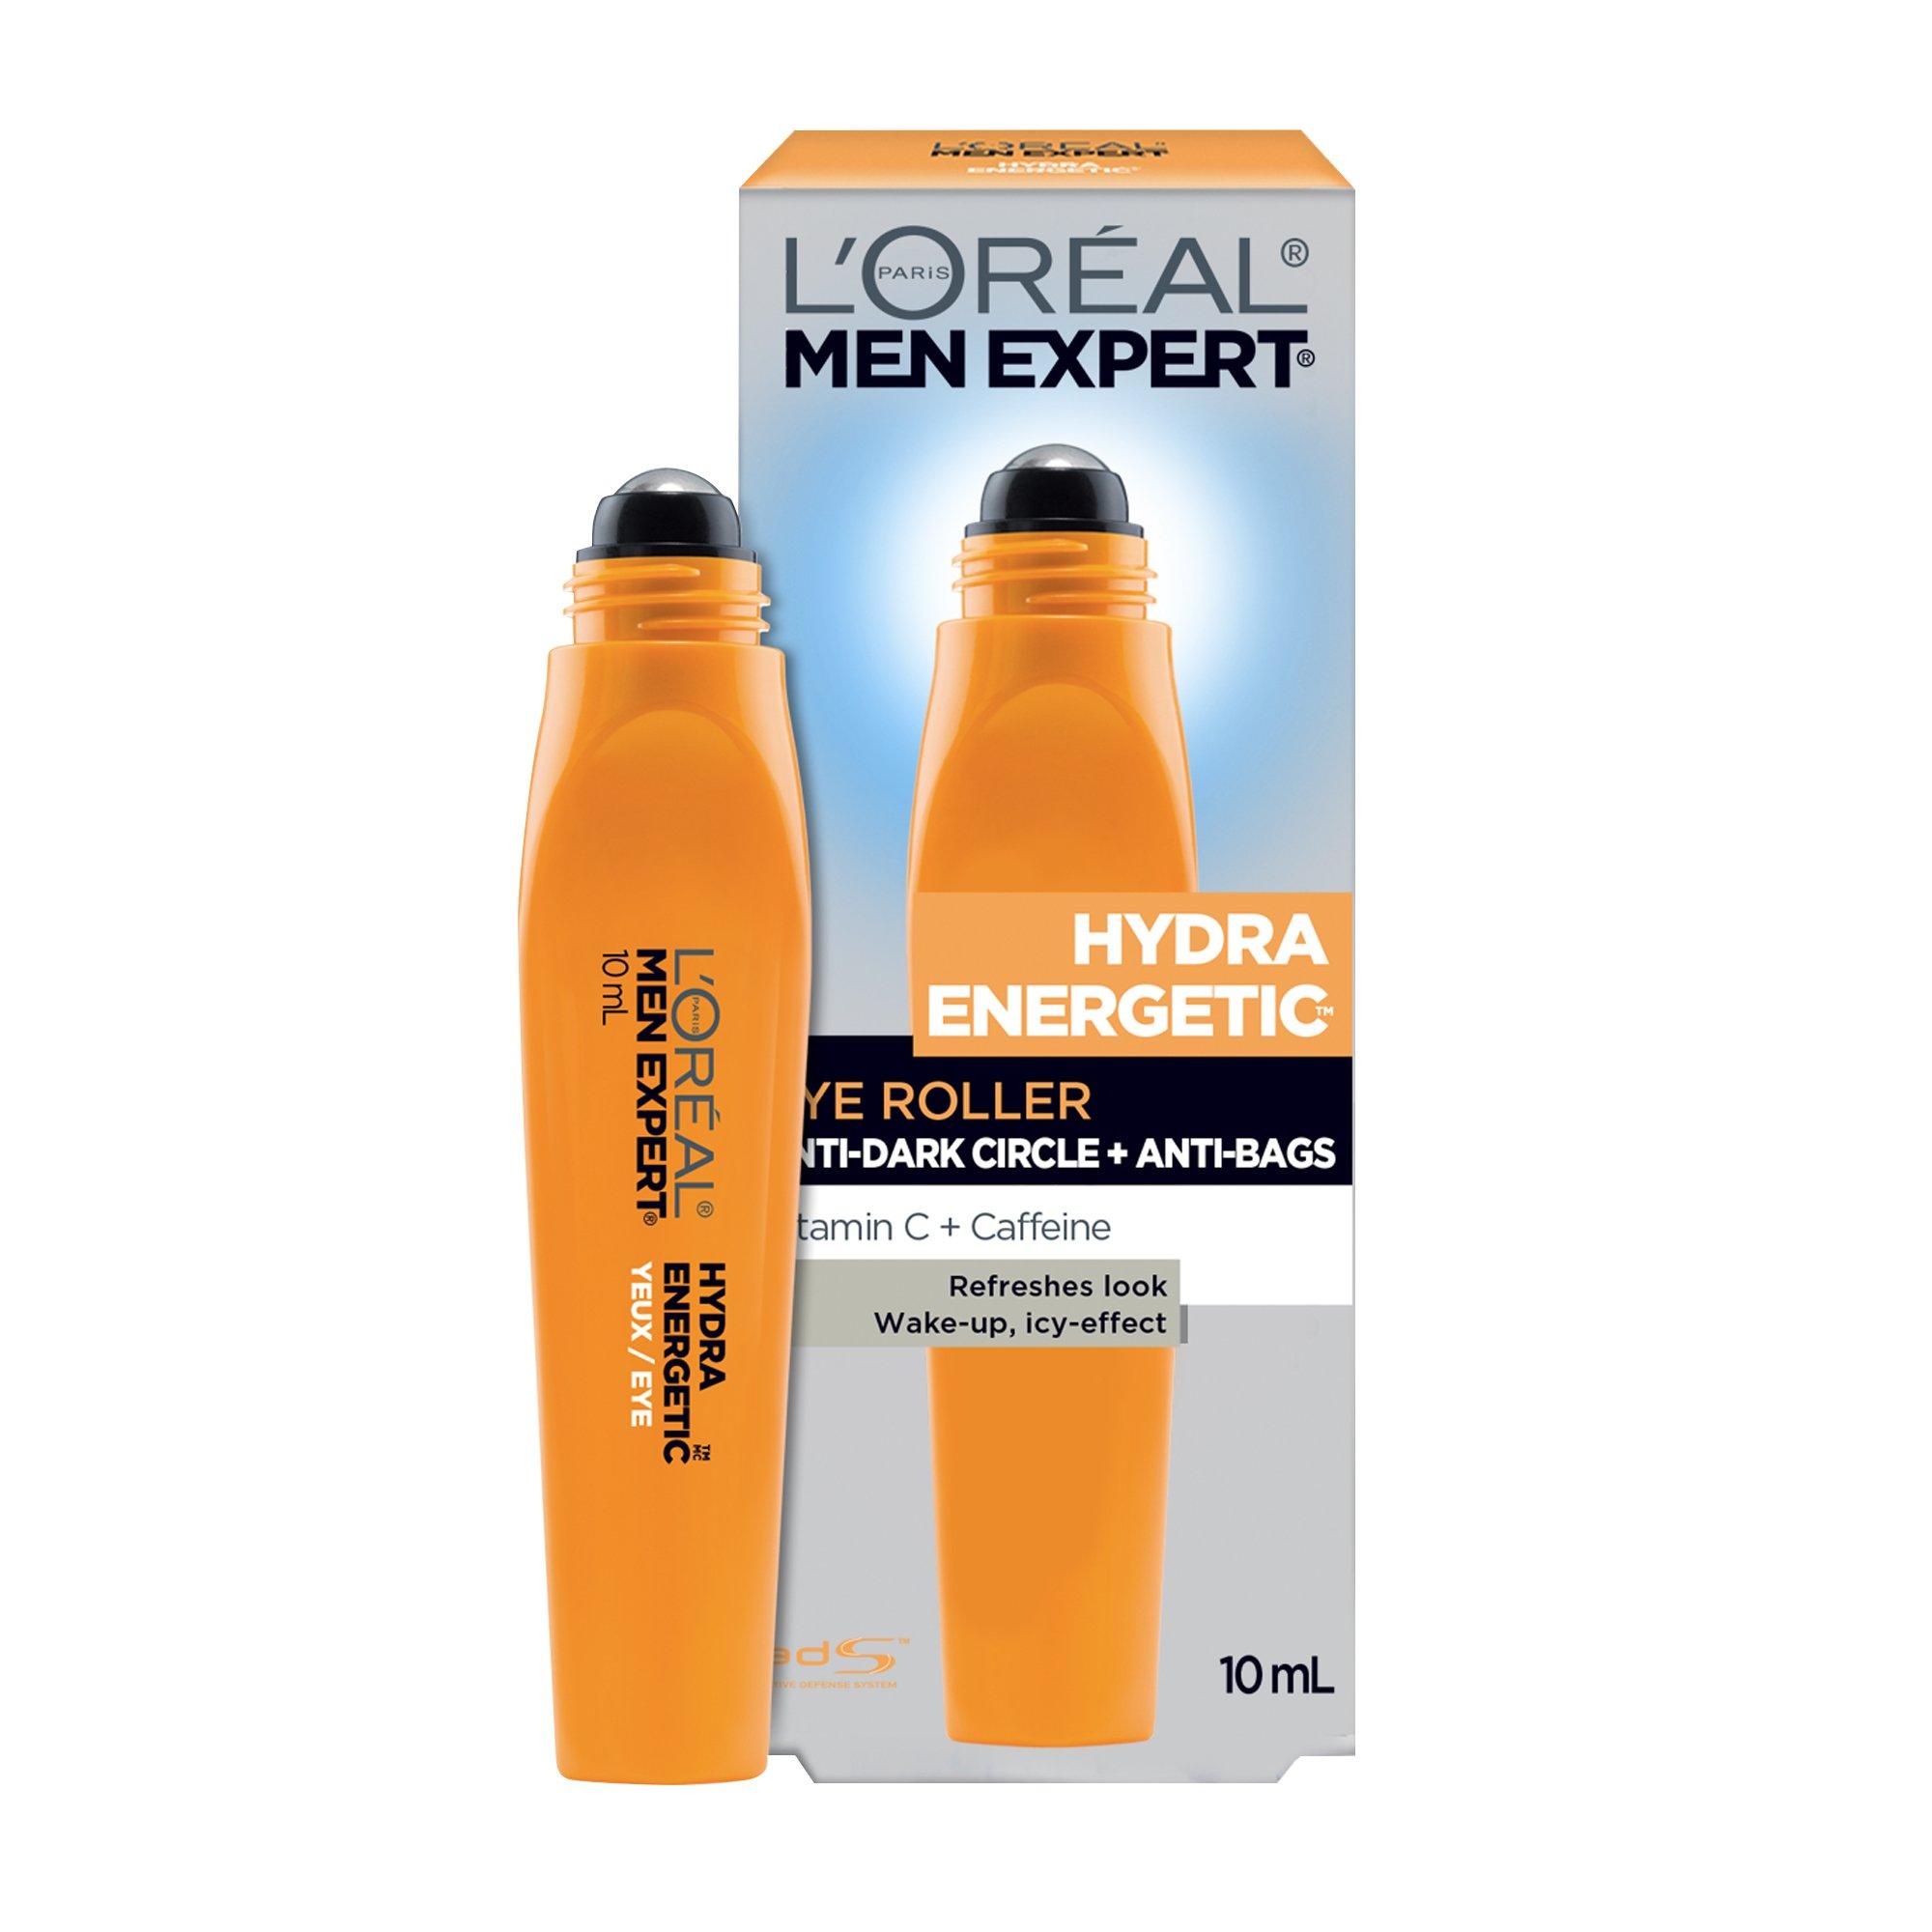 loreal men expert L'oréal men expert postaw na skuteczną ochronę w niższej cenie odwiedź najbliższą drogerię hebe i wypróbuj antyperspiranty od l'oreal men expert na własnej skórze - teraz 20.